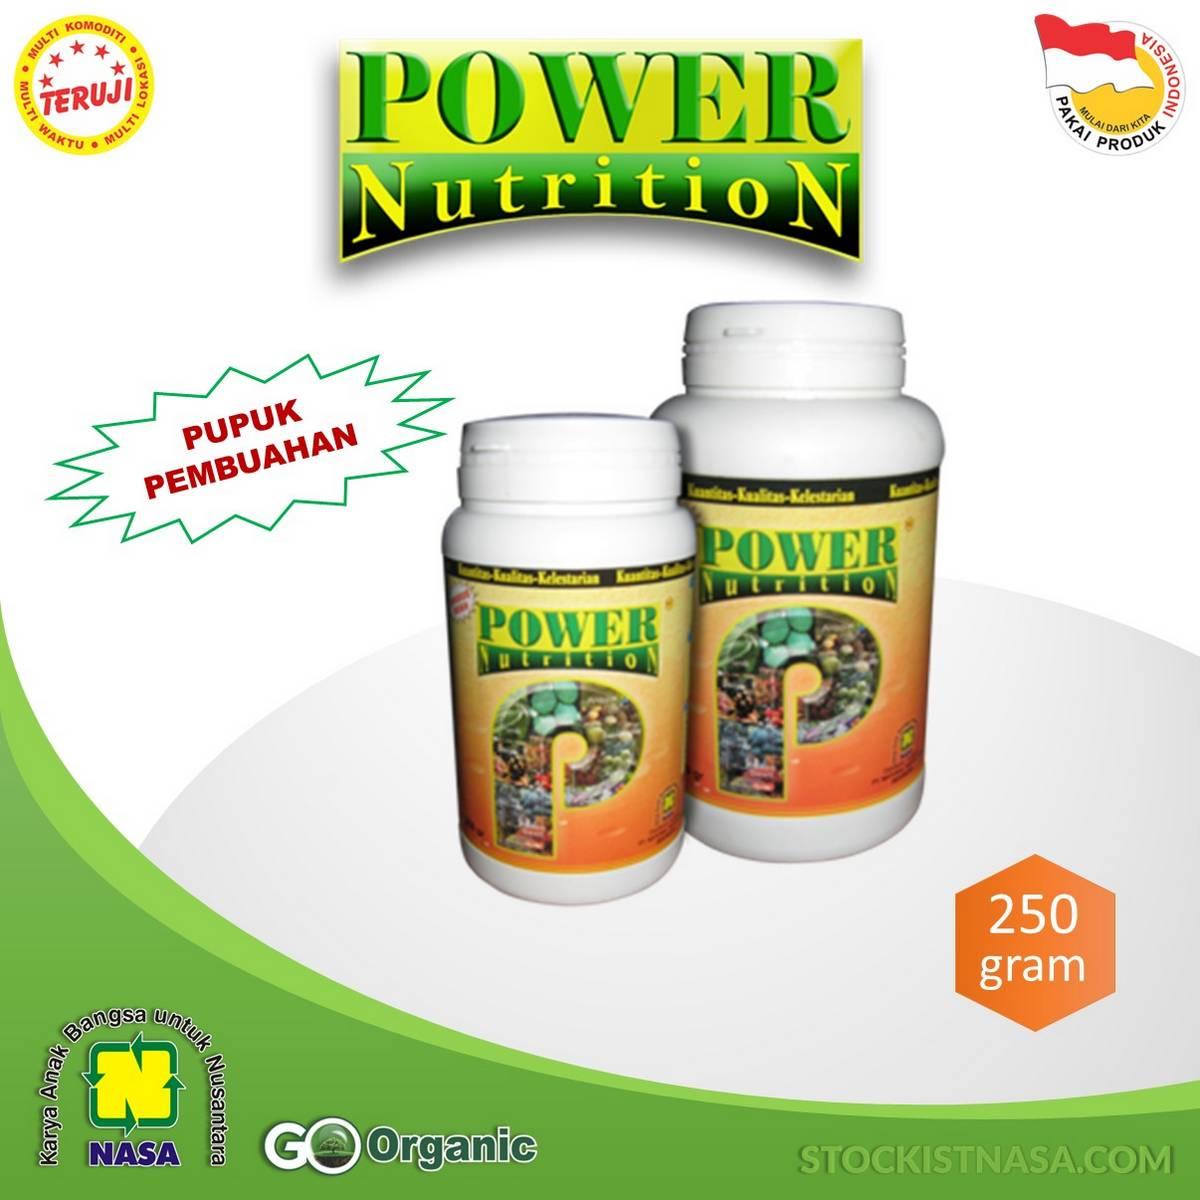 PWR Power Nutrition Terbaik untuk Tanaman Buah